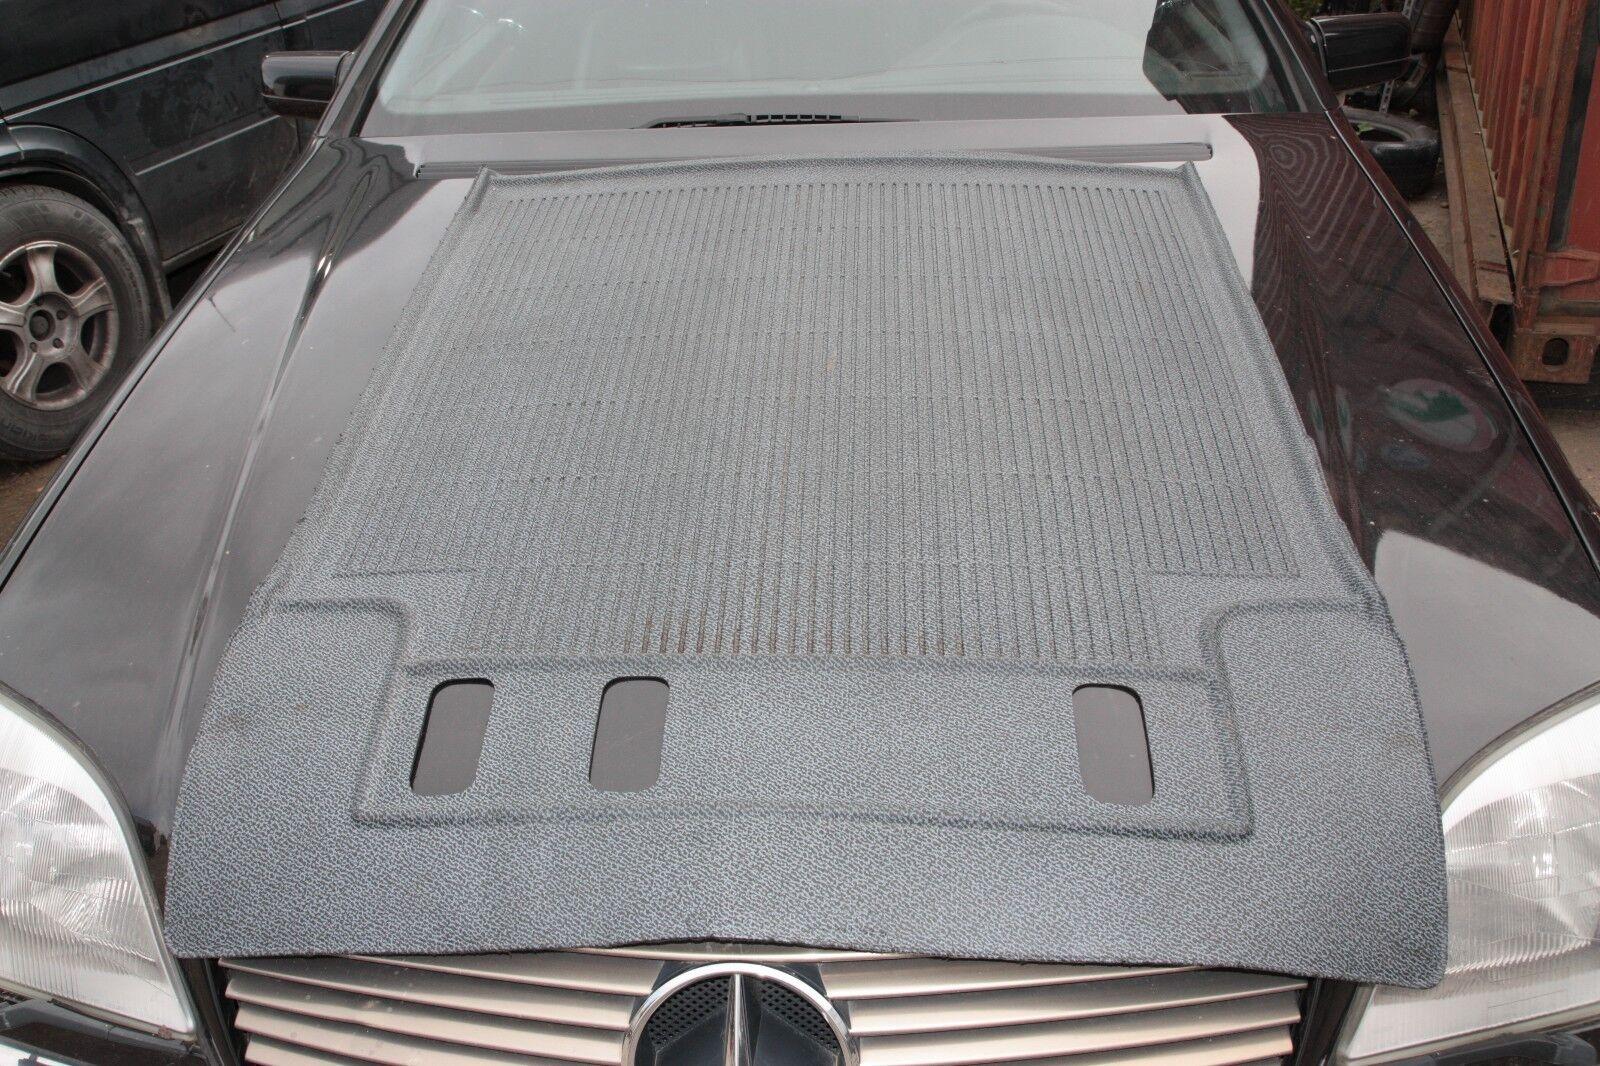 MERCEDES-BENZ rubber trunk Cargo prossoector mat w463 LWB a4636840105